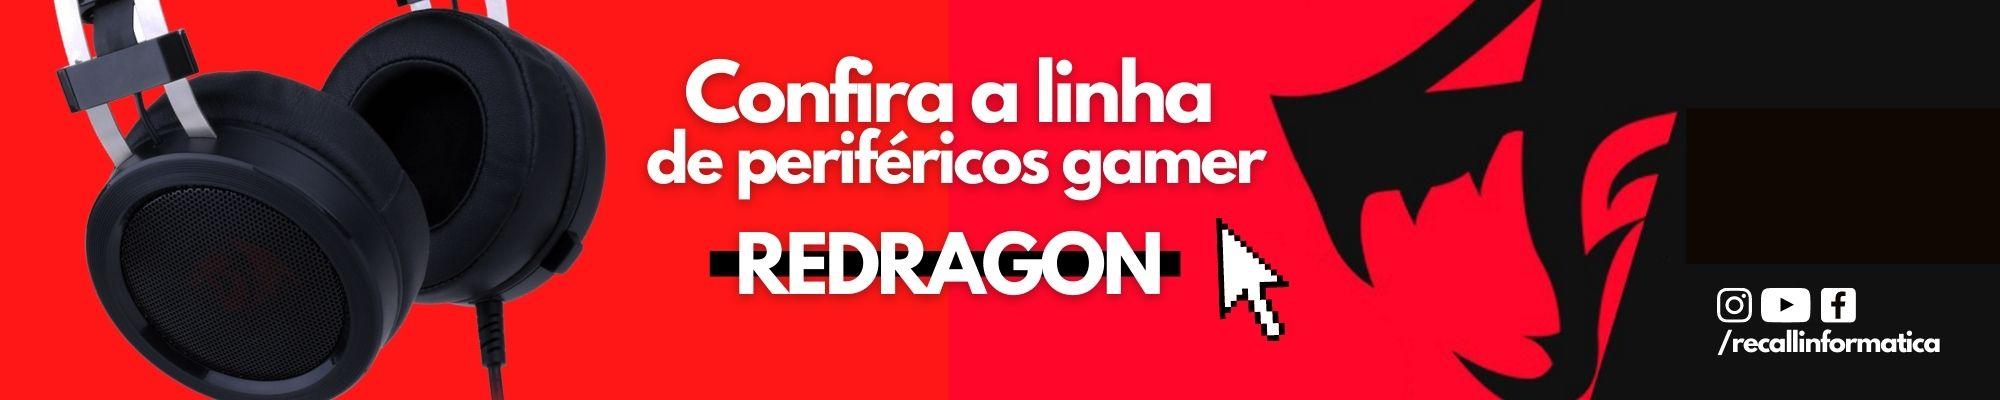 Confira os novos periféricos da REDRAGON!